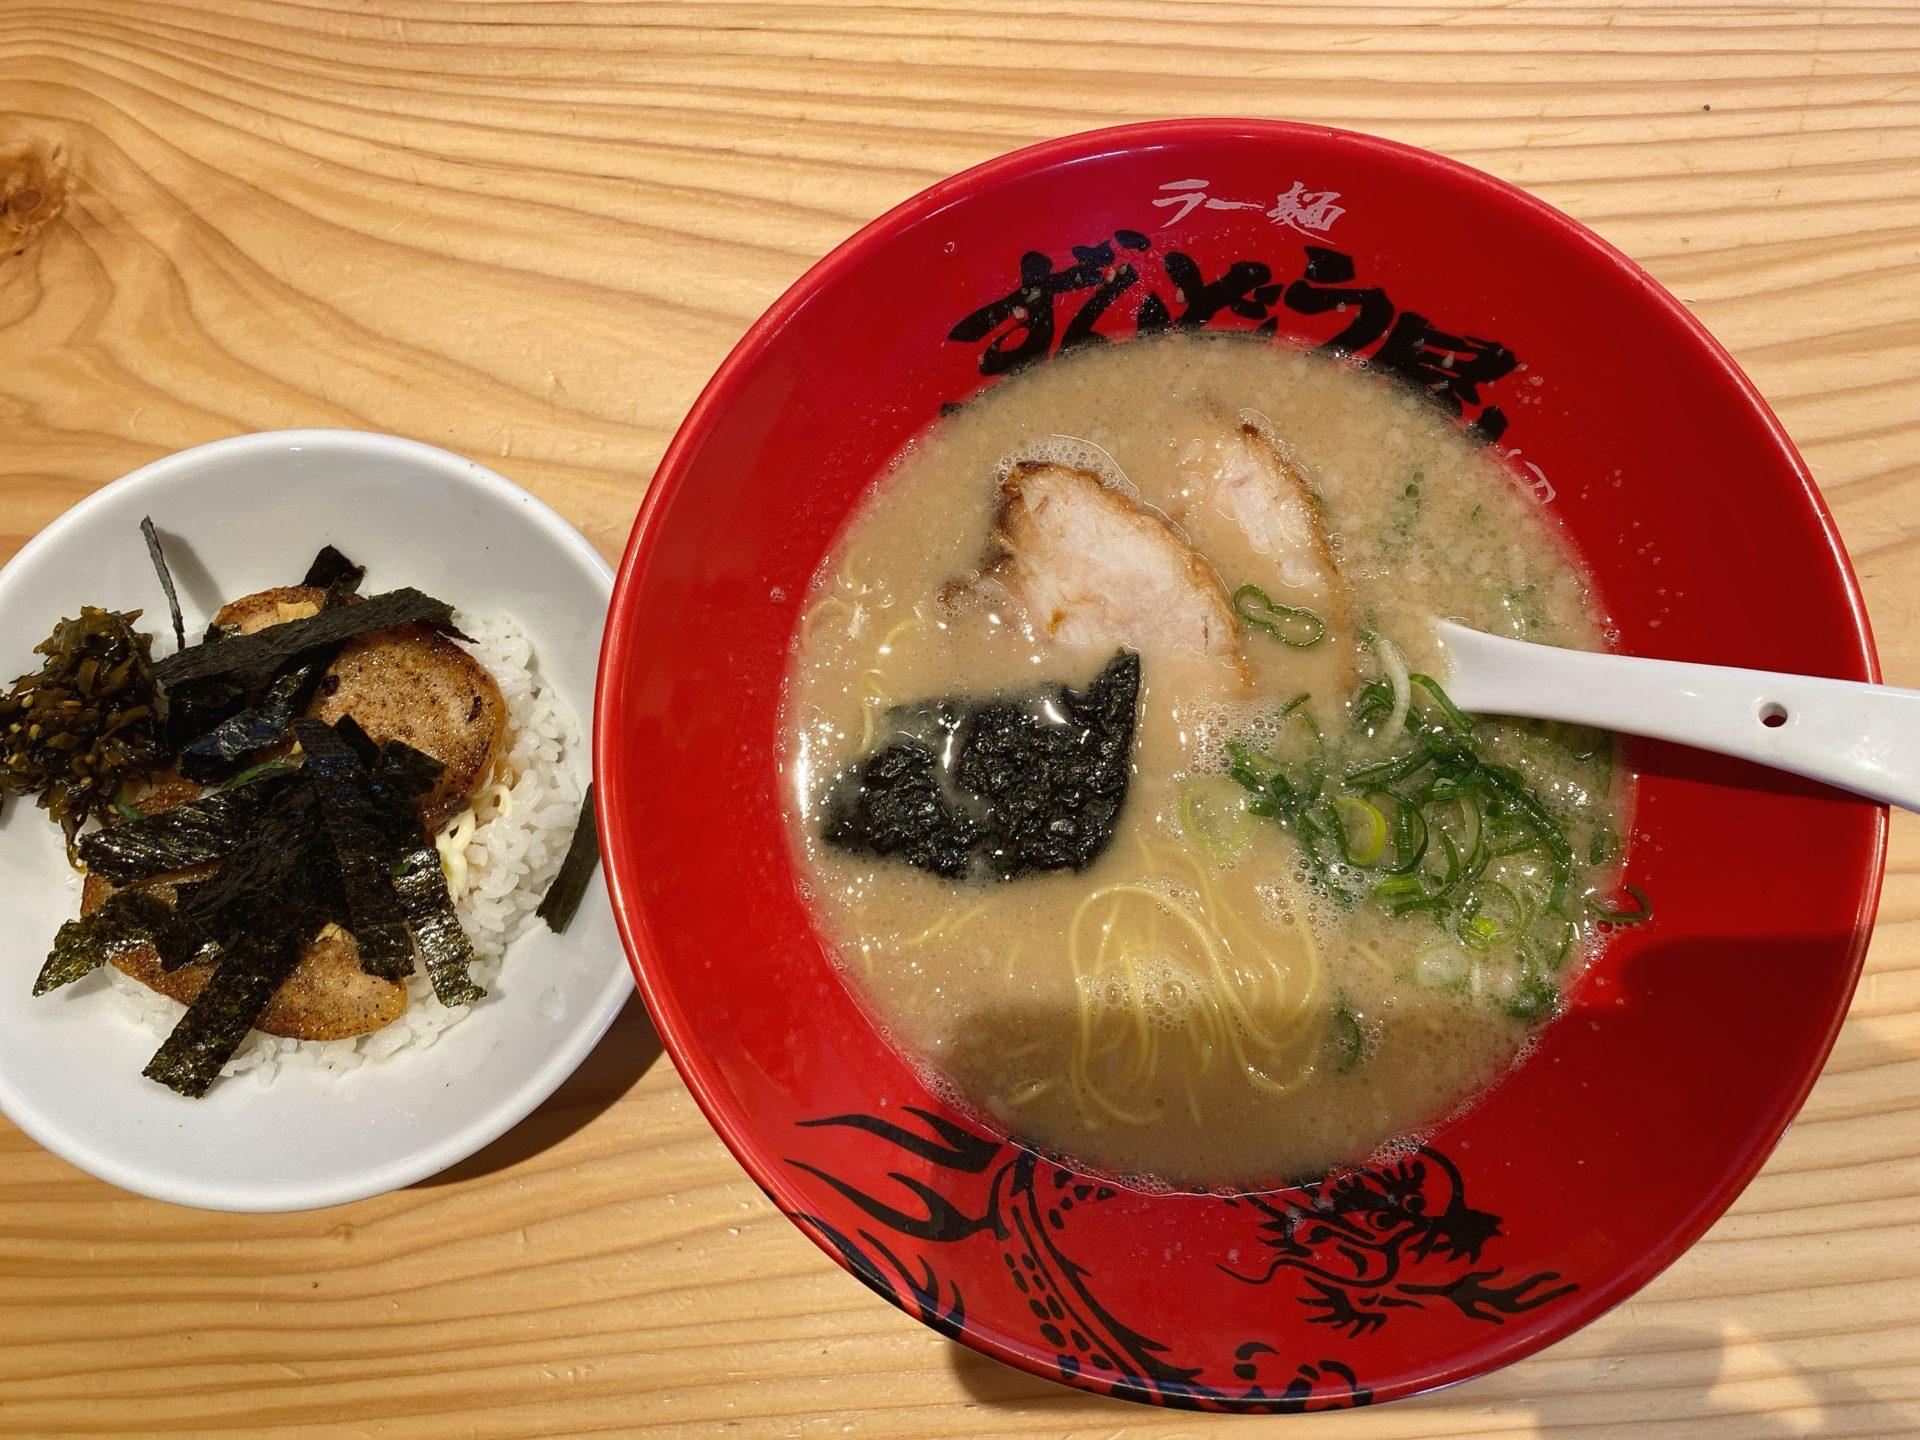 中区のラー麺ずんどう屋 岡山平井店にて、豚骨の元味らーめんと塩チャ丼のセットを細麺で頂く!今だけご飯おかわり無制限!